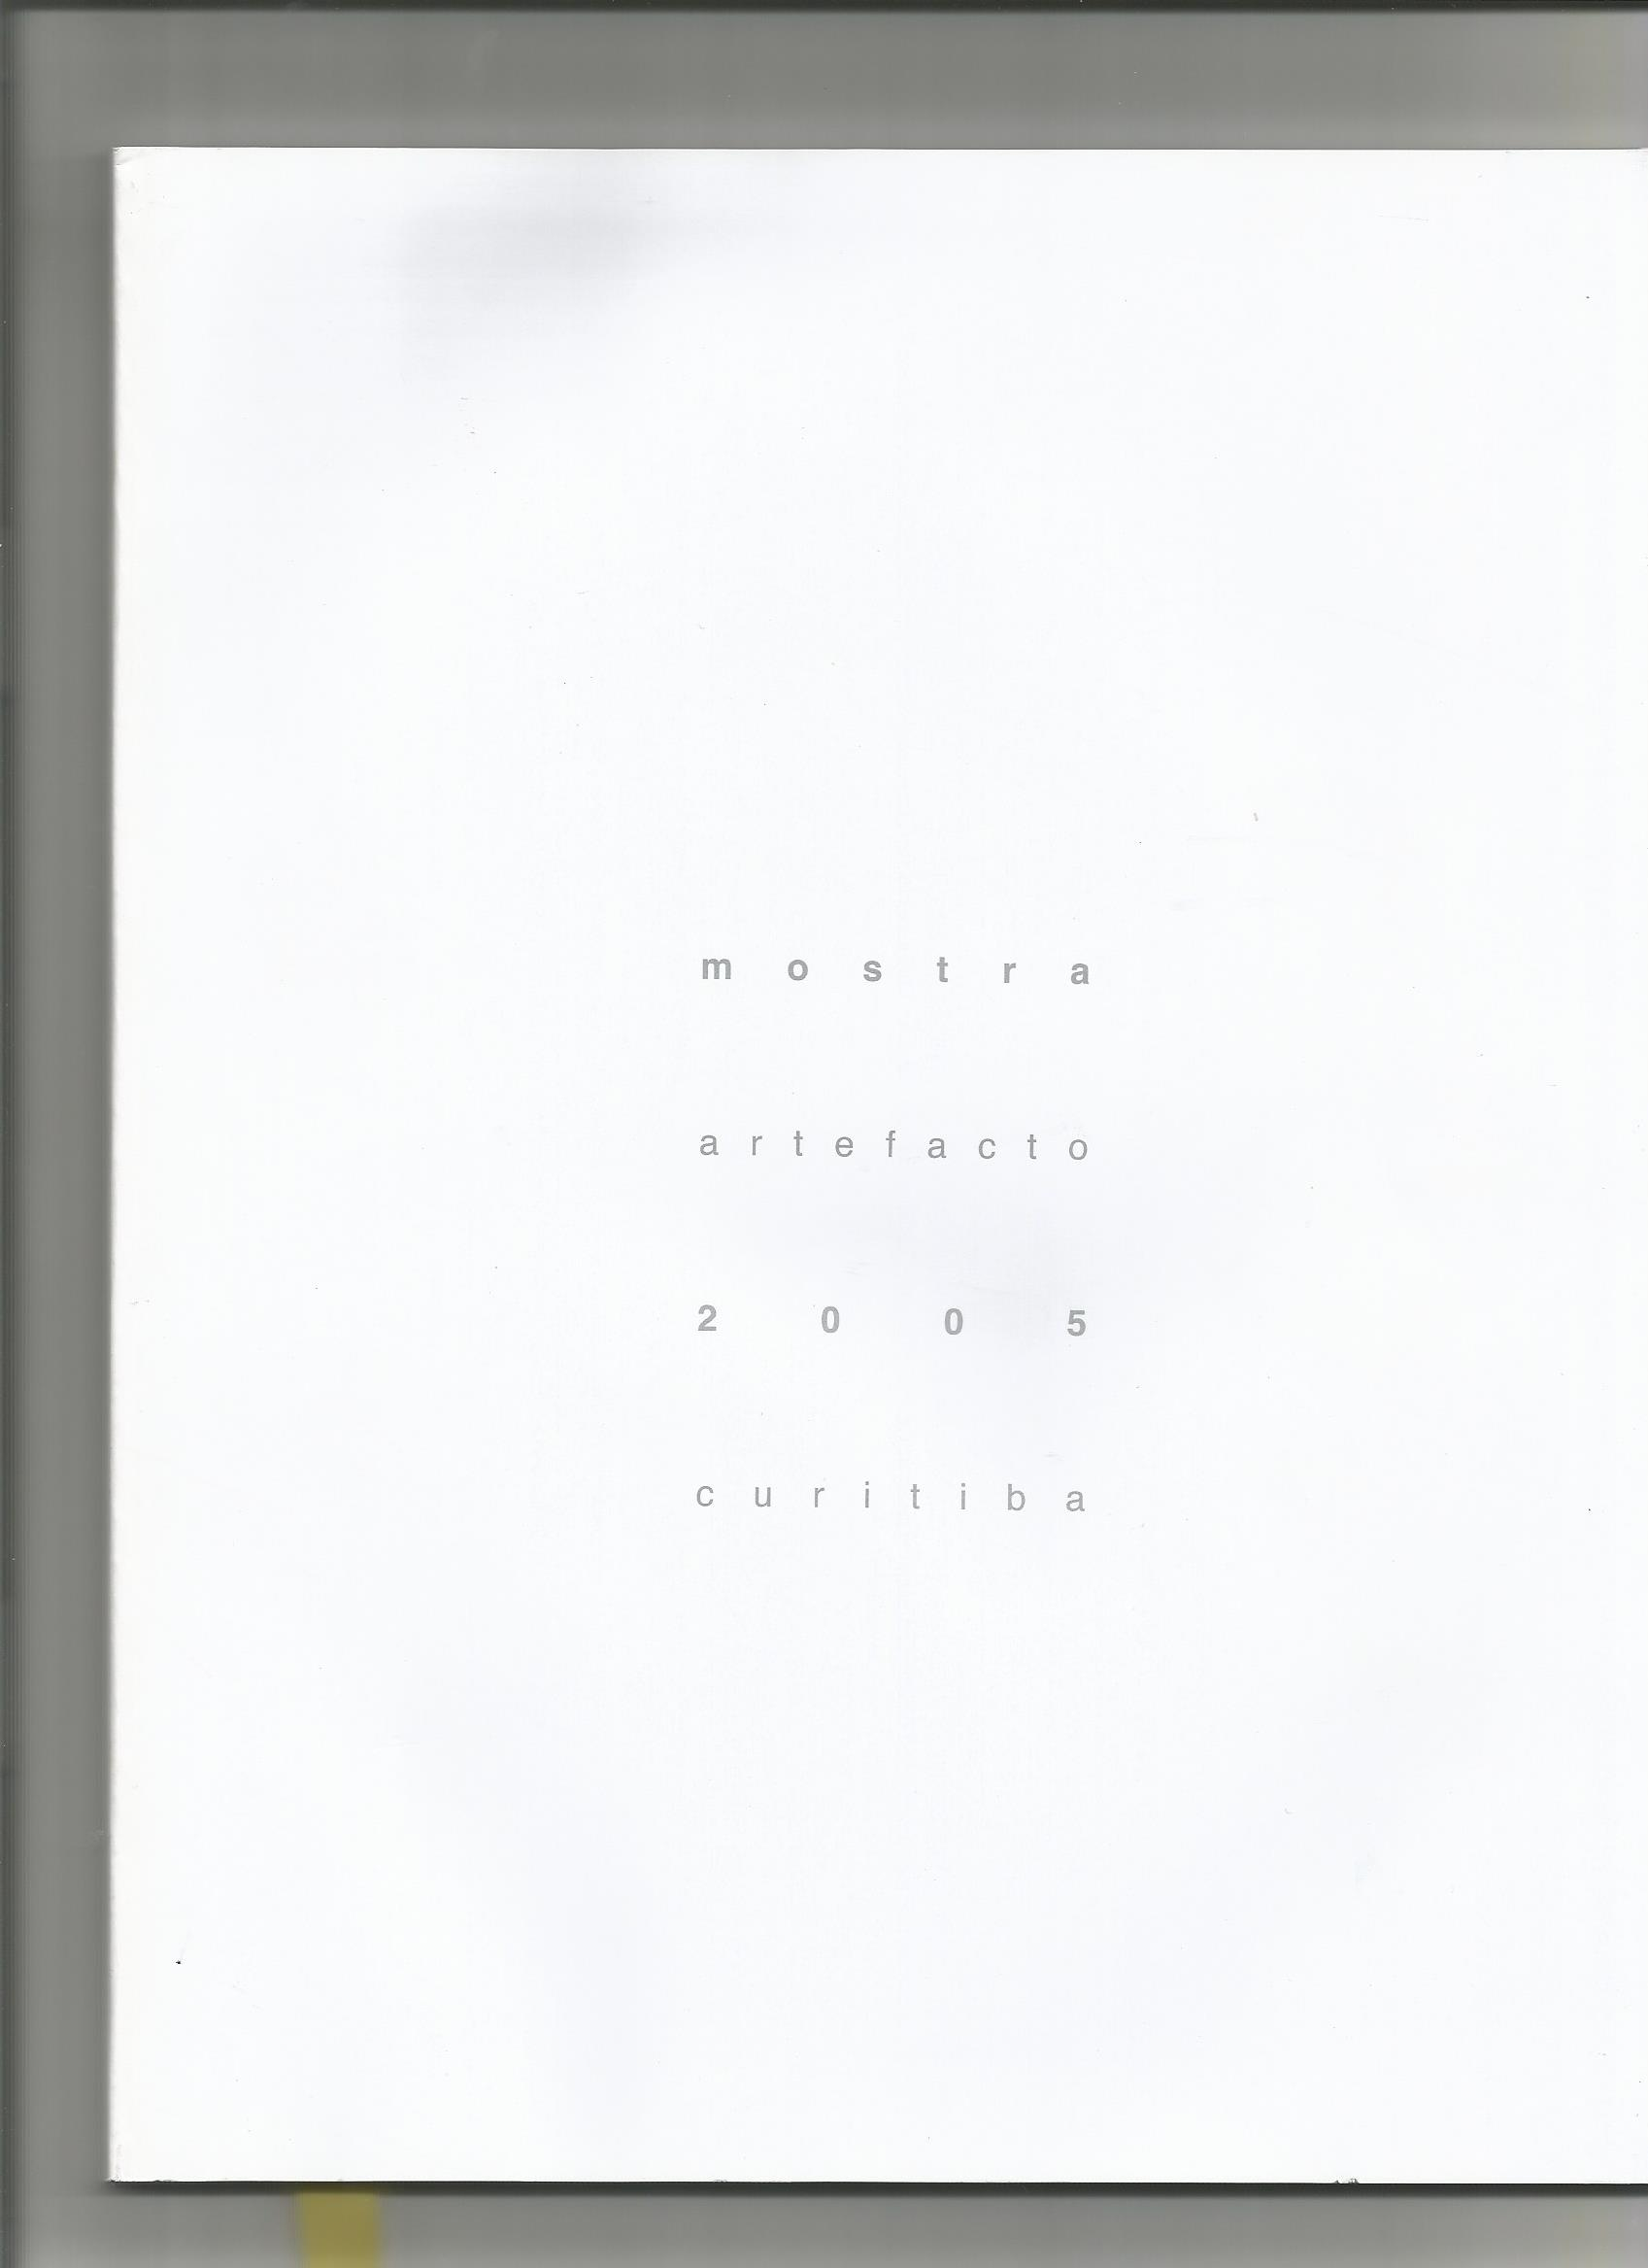 Revista Mostra Artefacto0000